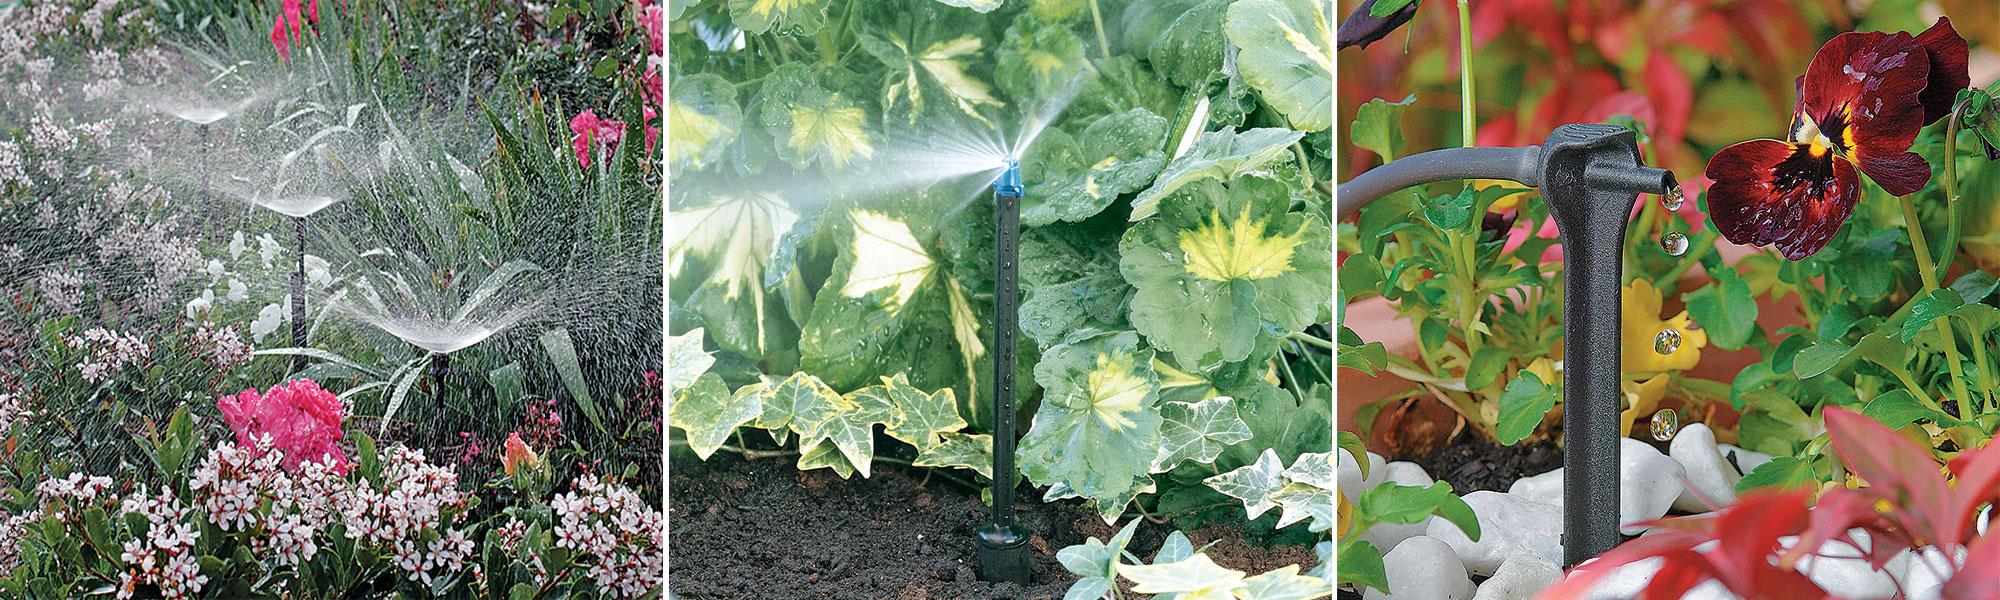 Irrigation goutte à goutte : Planifier et installer un système d'irrigation